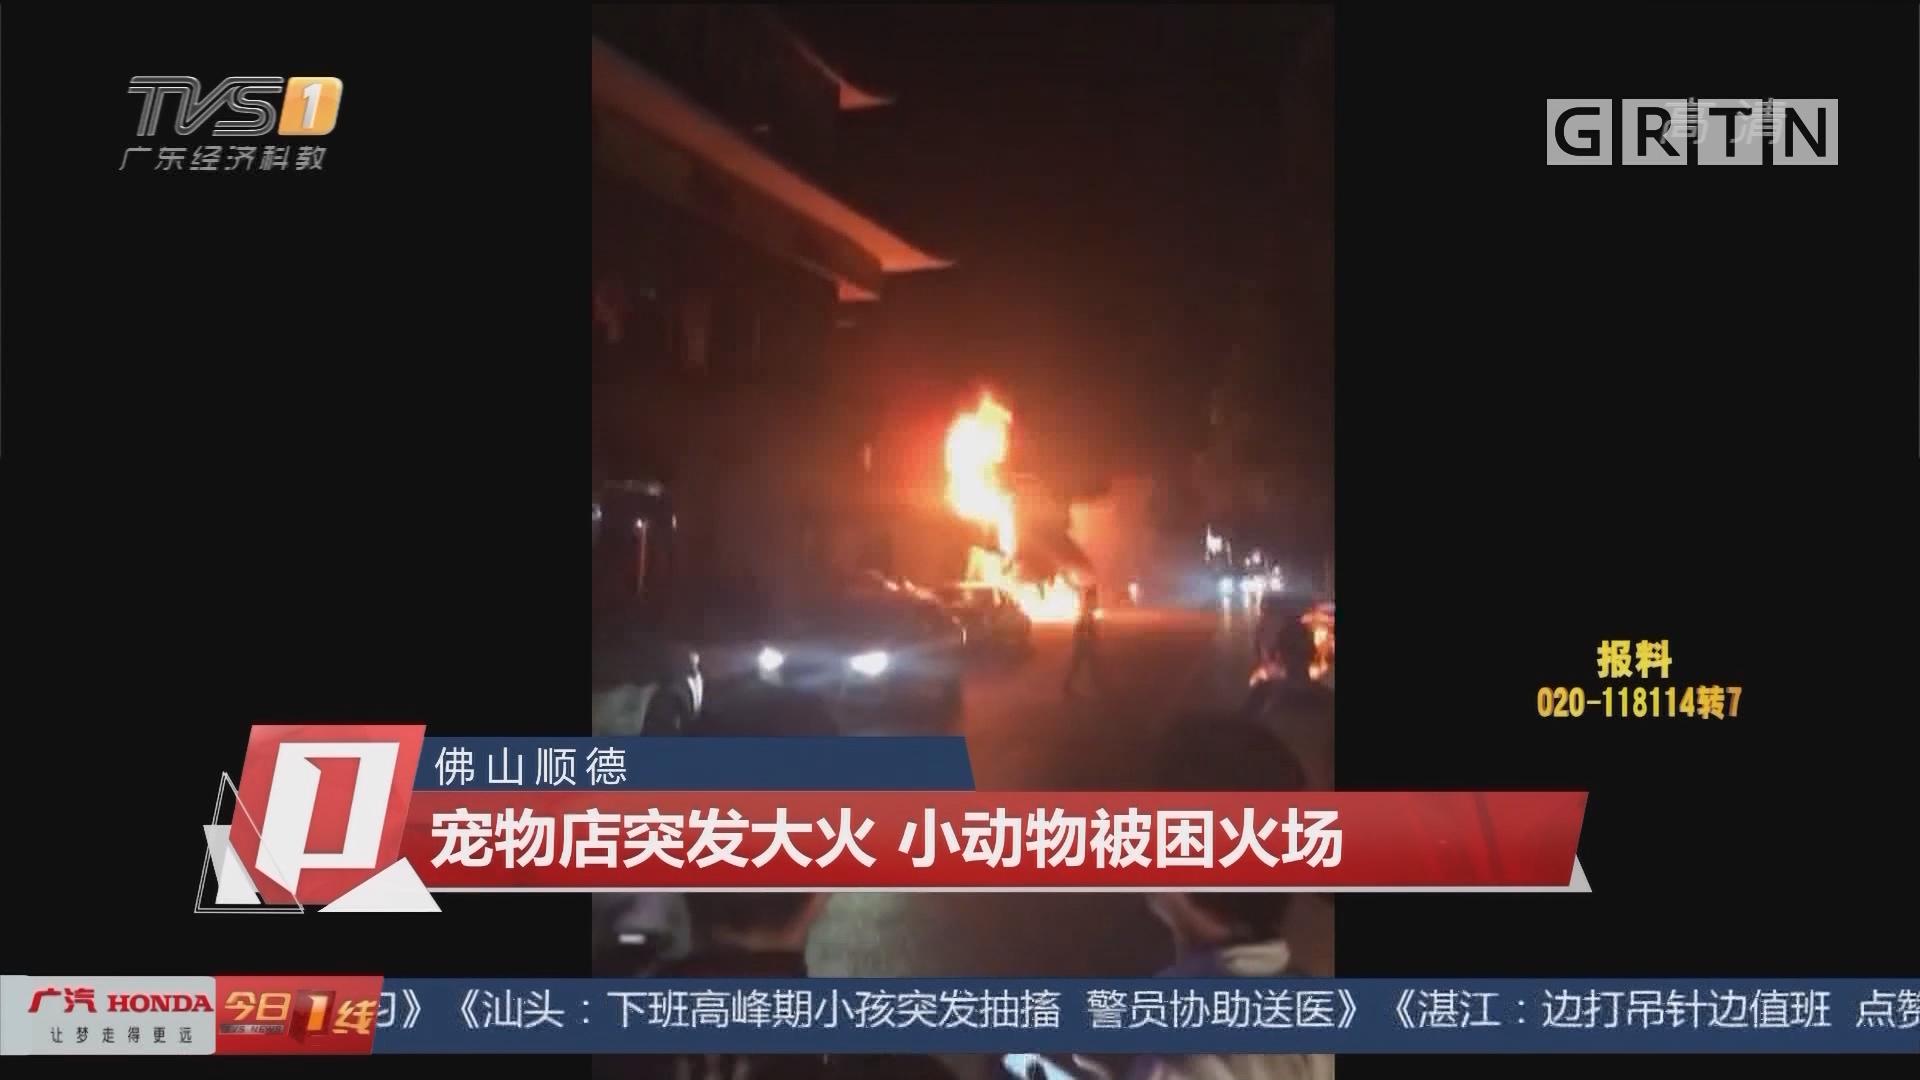 佛山順德:寵物店突發大火 小動物被困火場